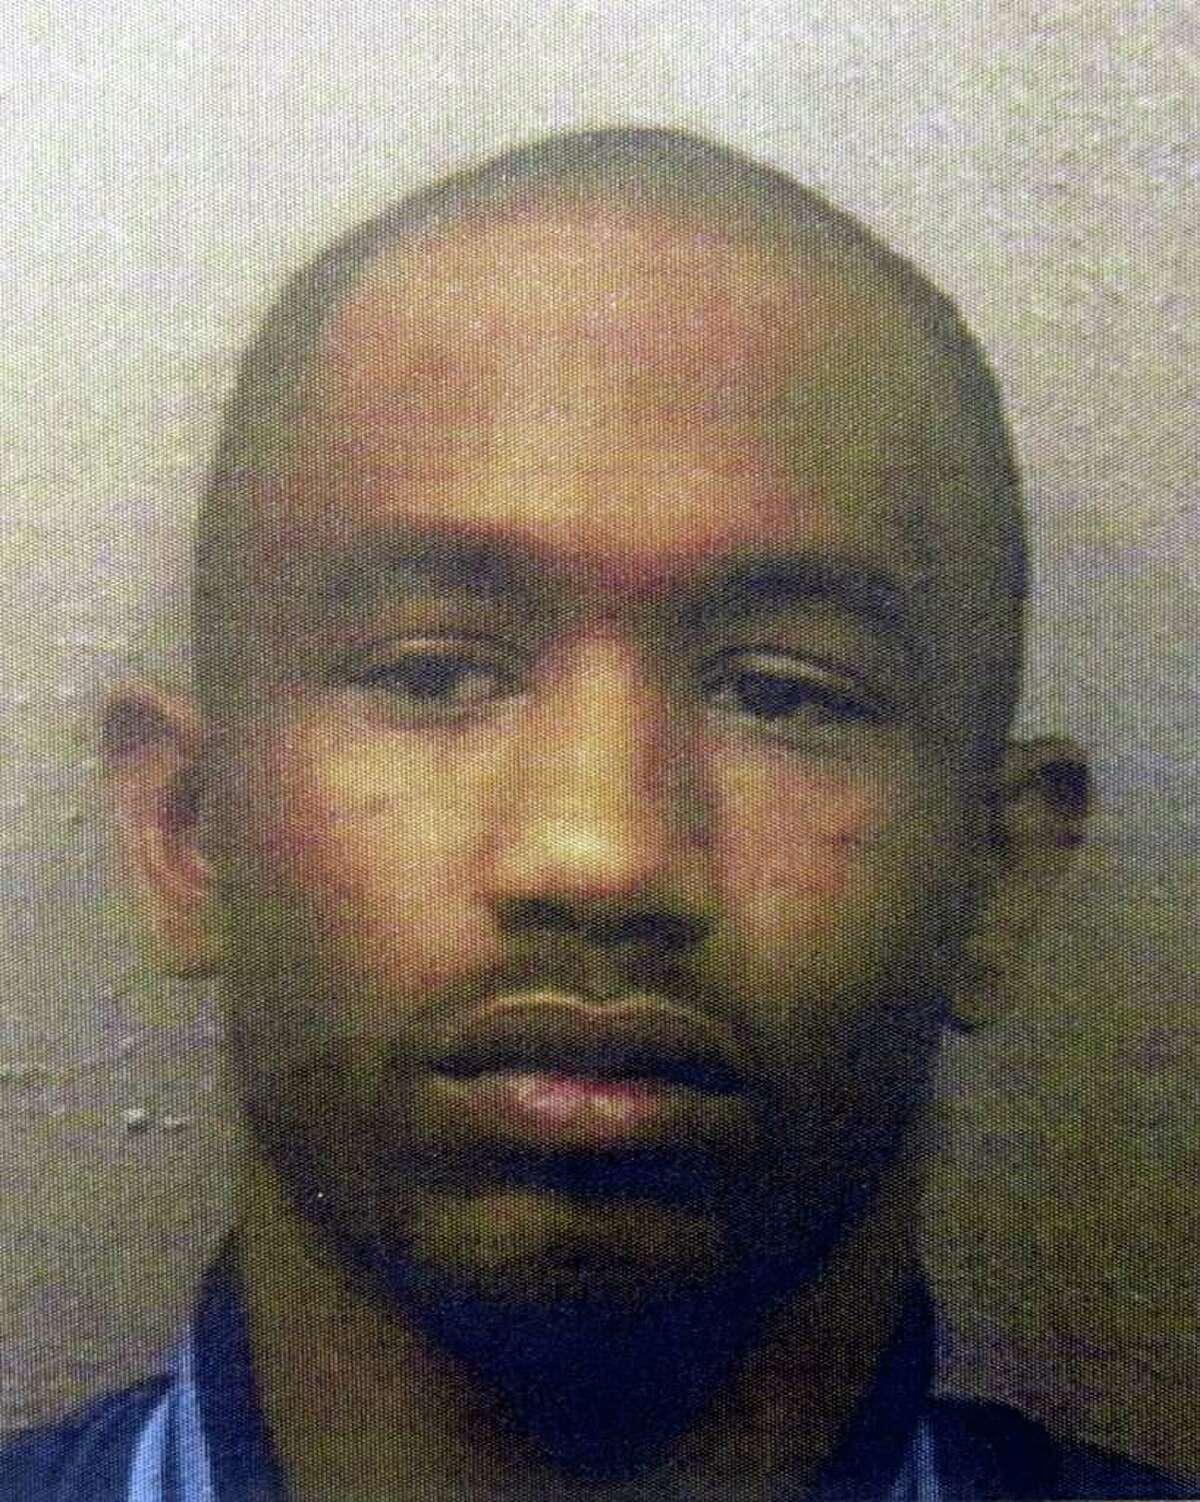 Condemned in 2004: Elijah Joubert